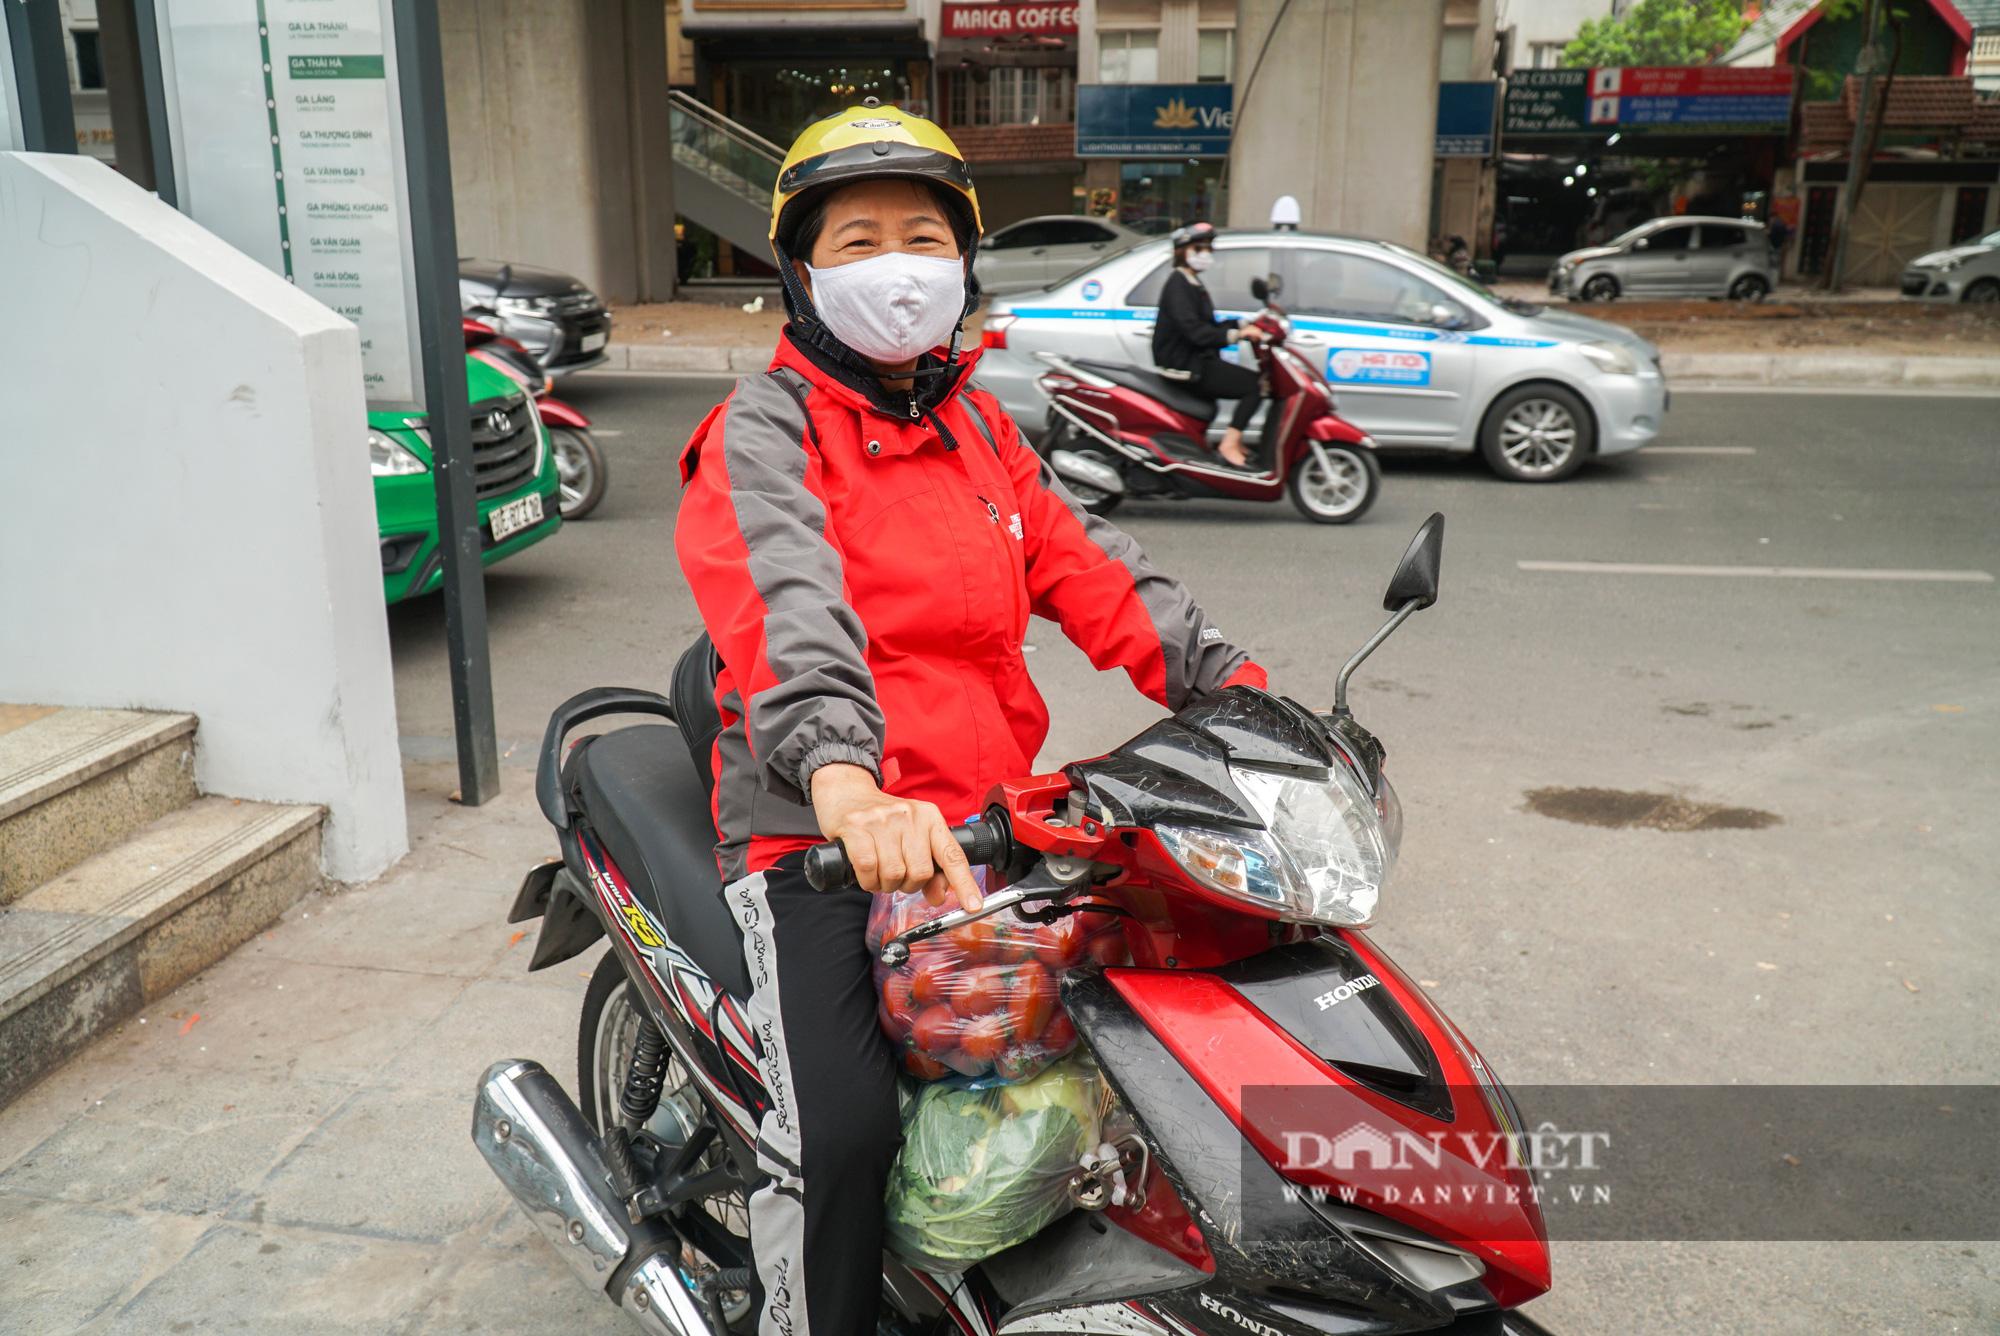 Hơn 4 tấn nông sản ở Mê Linh được giải cứu trong sáng nay - Ảnh 6.